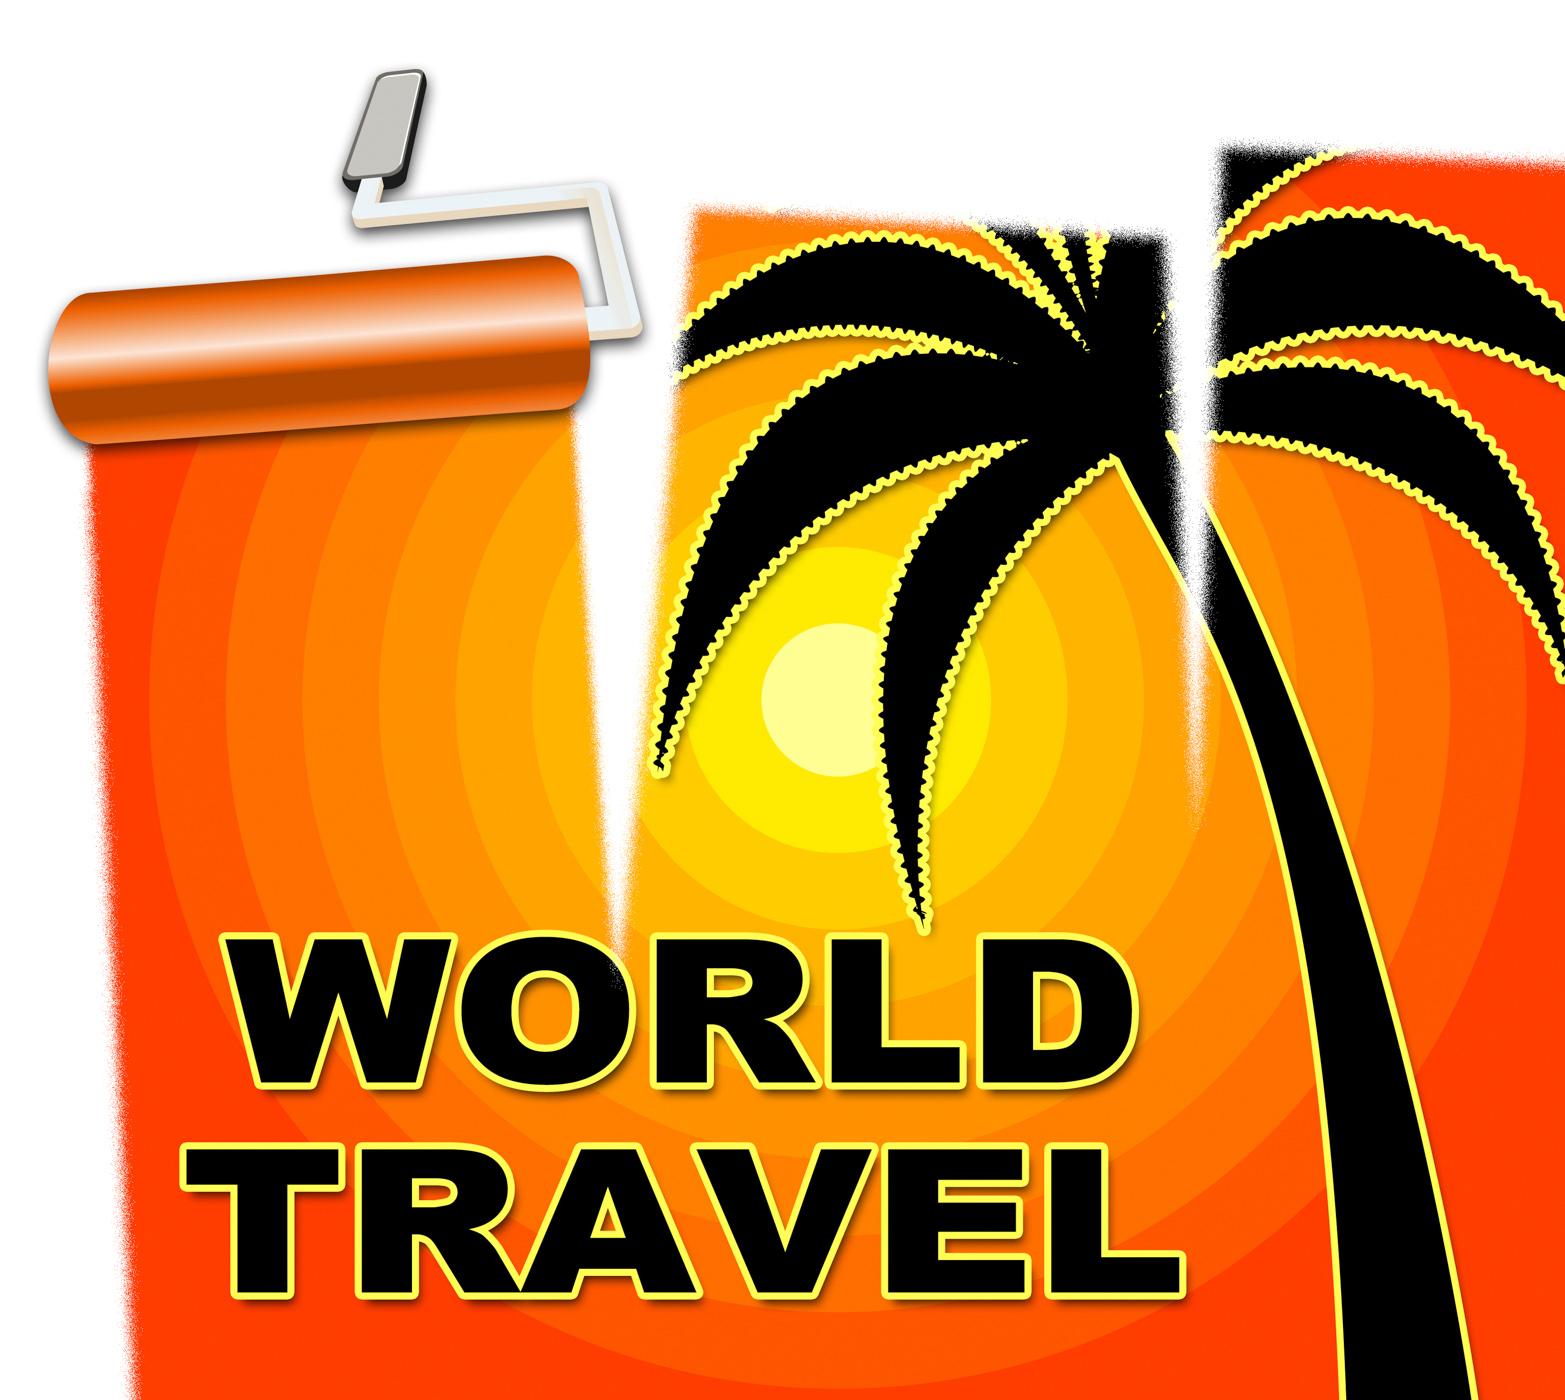 World travel indicates voyage worldly and globe photo